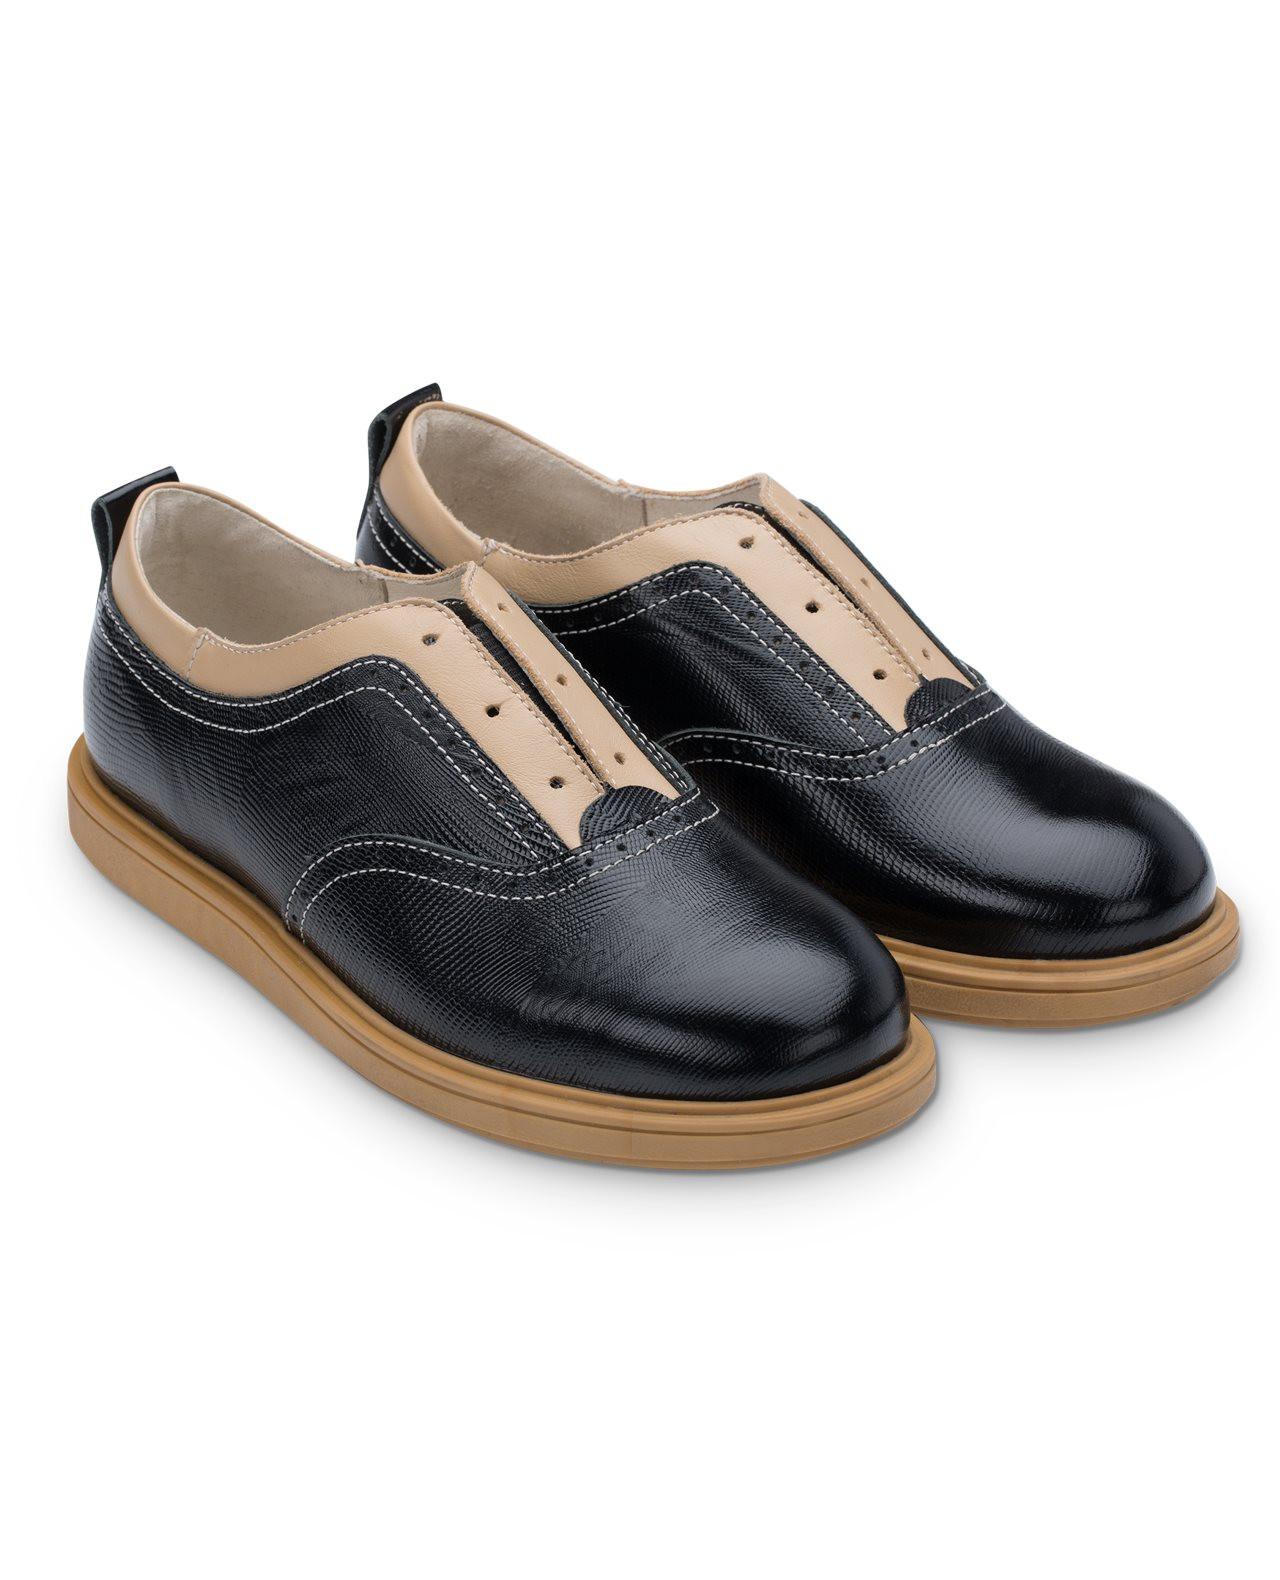 Полуботинки Детские, Tapiboo Твист (44494, 33 )Обувь для школы<br>Полуботинки. Оригинальная модель с намеком <br>на шнурки которые забыли вставить. Многослойная, <br>анатомическая стелька со сводоподдерживающим <br>элементом для правильного формирования <br>стопы. Благодаря использованию современных <br>внутренних материалов позволяет оптимально <br>распределить нагрузку по всей площади стопы <br>и свести к минимуму ее ударную составляющую. <br>Жесткий фиксирующий задник надежно стабилизирует <br>голеностопный сустав во время ходьбы. Упругая, <br>умеренно-эластичная подошва, имеющая перекат <br>позволяющий повторить естественное движение <br>стопы при ходьбе для правильного распределения <br>нагрузки на опорно-двигательный аппарат <br>ребенка. Подкладка из натуральной кожи <br>обладает мягкостью и природной способностью <br>пропускать воздух для создания оптимального <br>температурного режима (нога не потеет).<br>Размер INT: M; Цвет: Красный; Ширина: 100; Высота: 200; Вес: 1000;